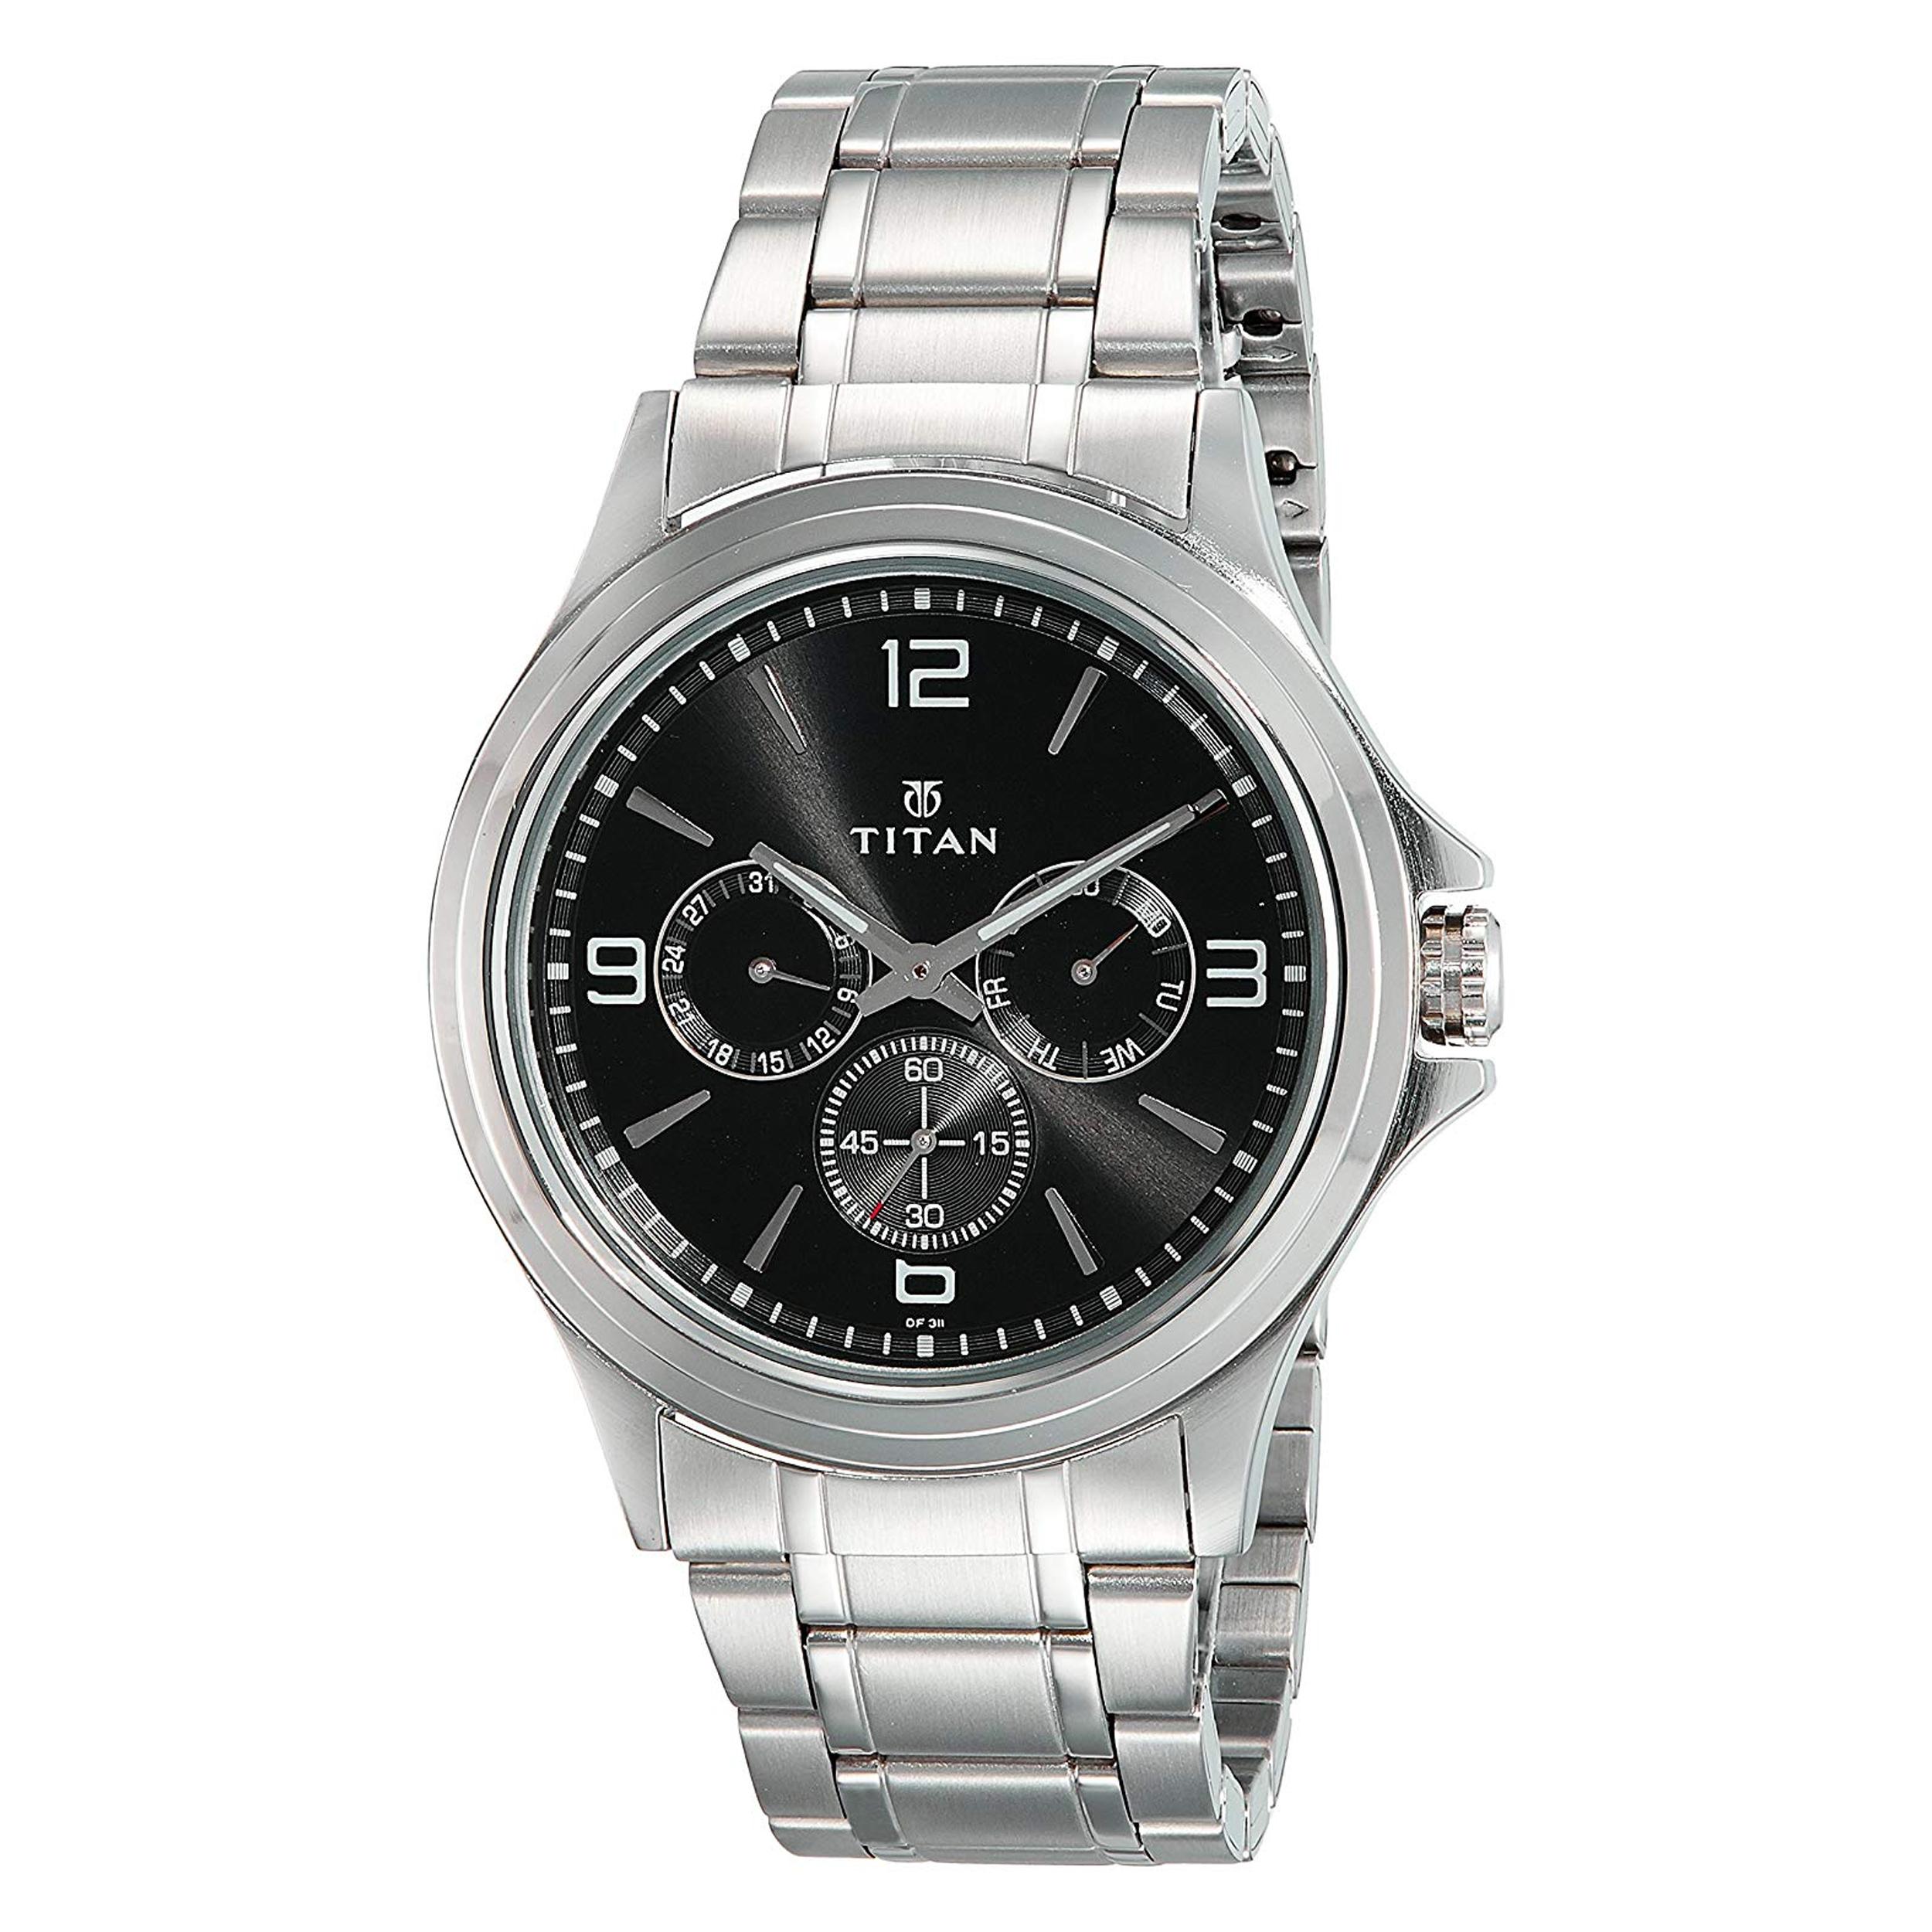 ساعت مچی عقربه ای مردانه تایتن مدل T1698SM01